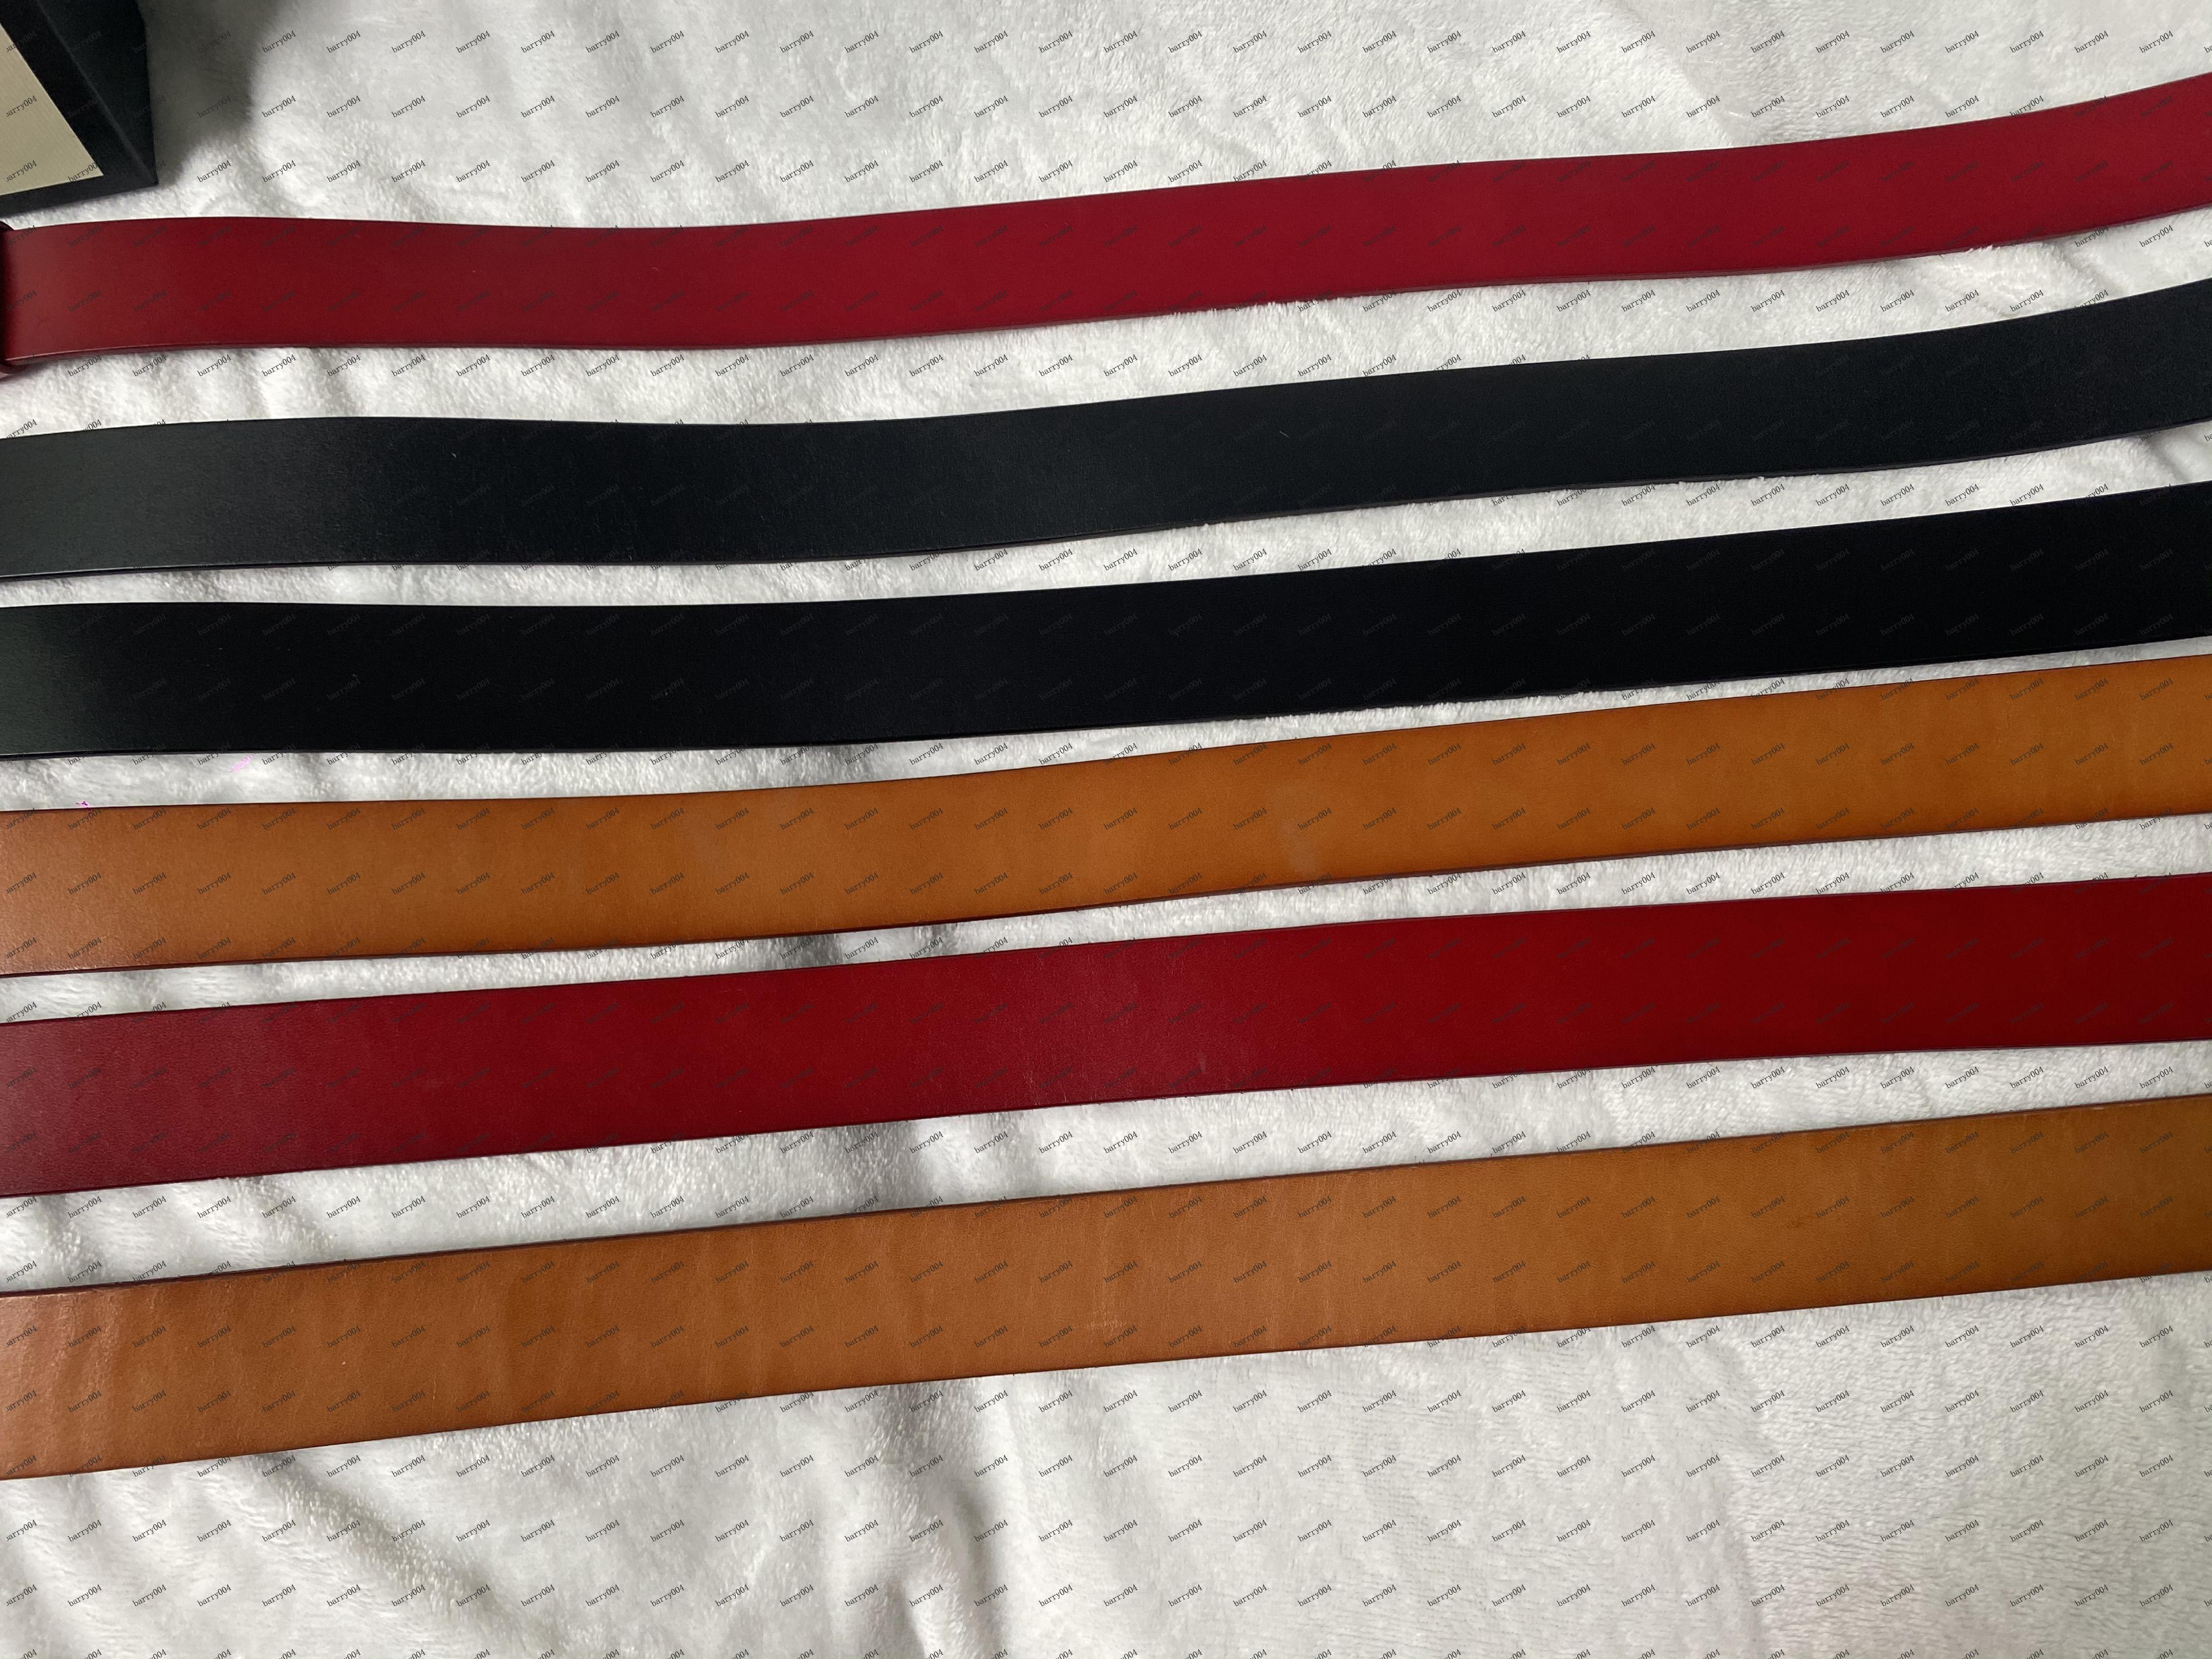 أزياء حزام جلد عارضة مع مشبك الرسالة، 4 ألوان، 3 أبازيم، 4.0CM واسعة.